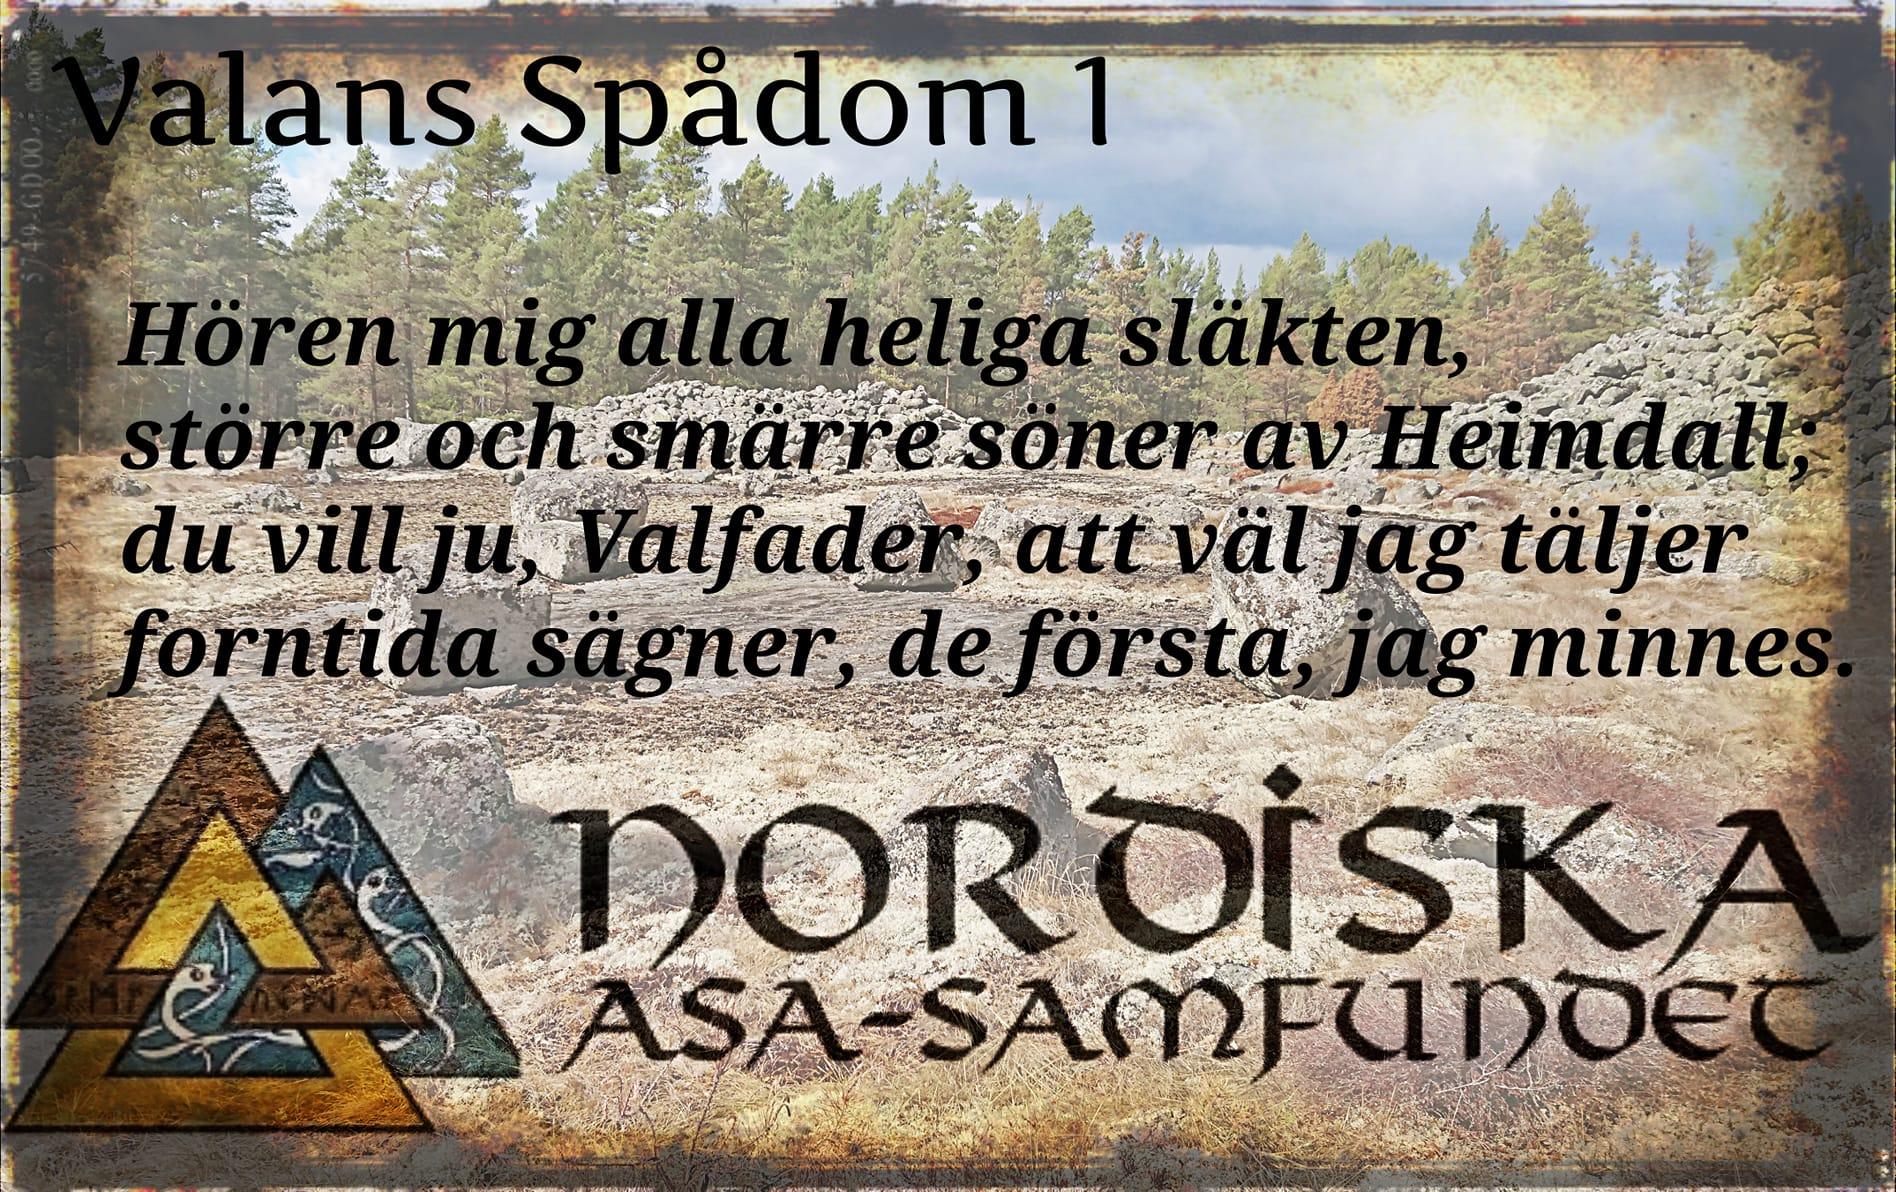 Valans-spadom-voluspa_vers01